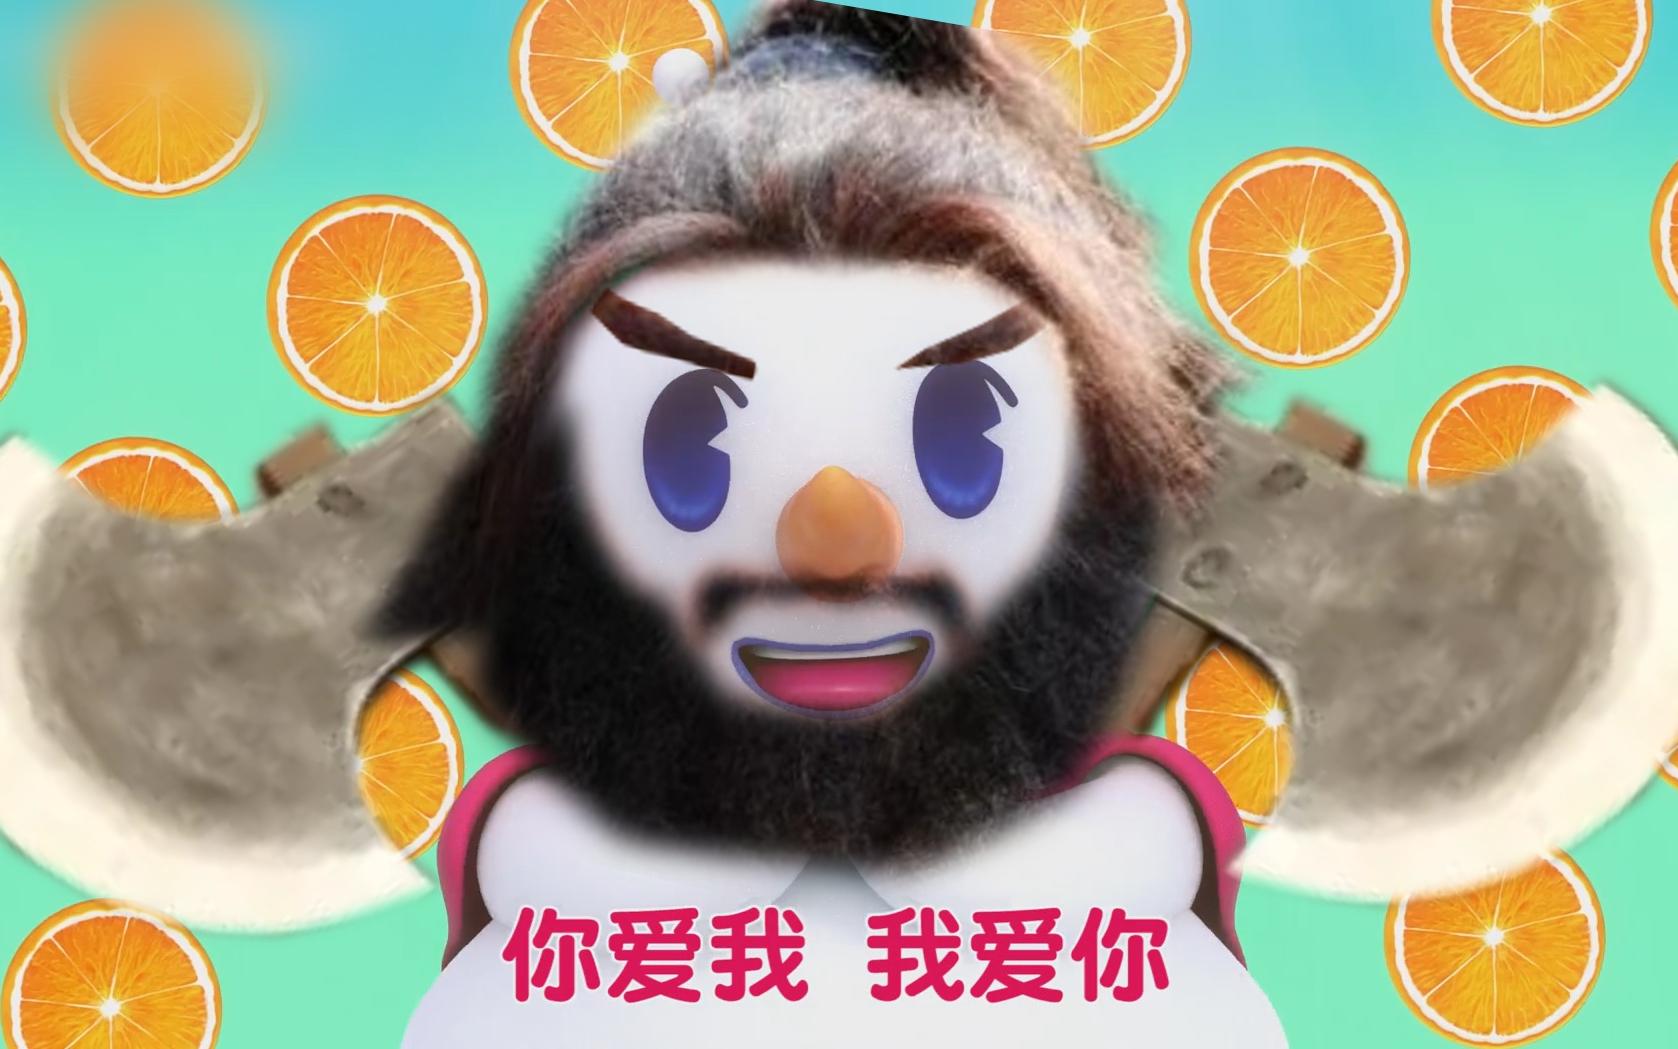 【独家·美饿评分5.1】蜜雪冰城(梁山店)